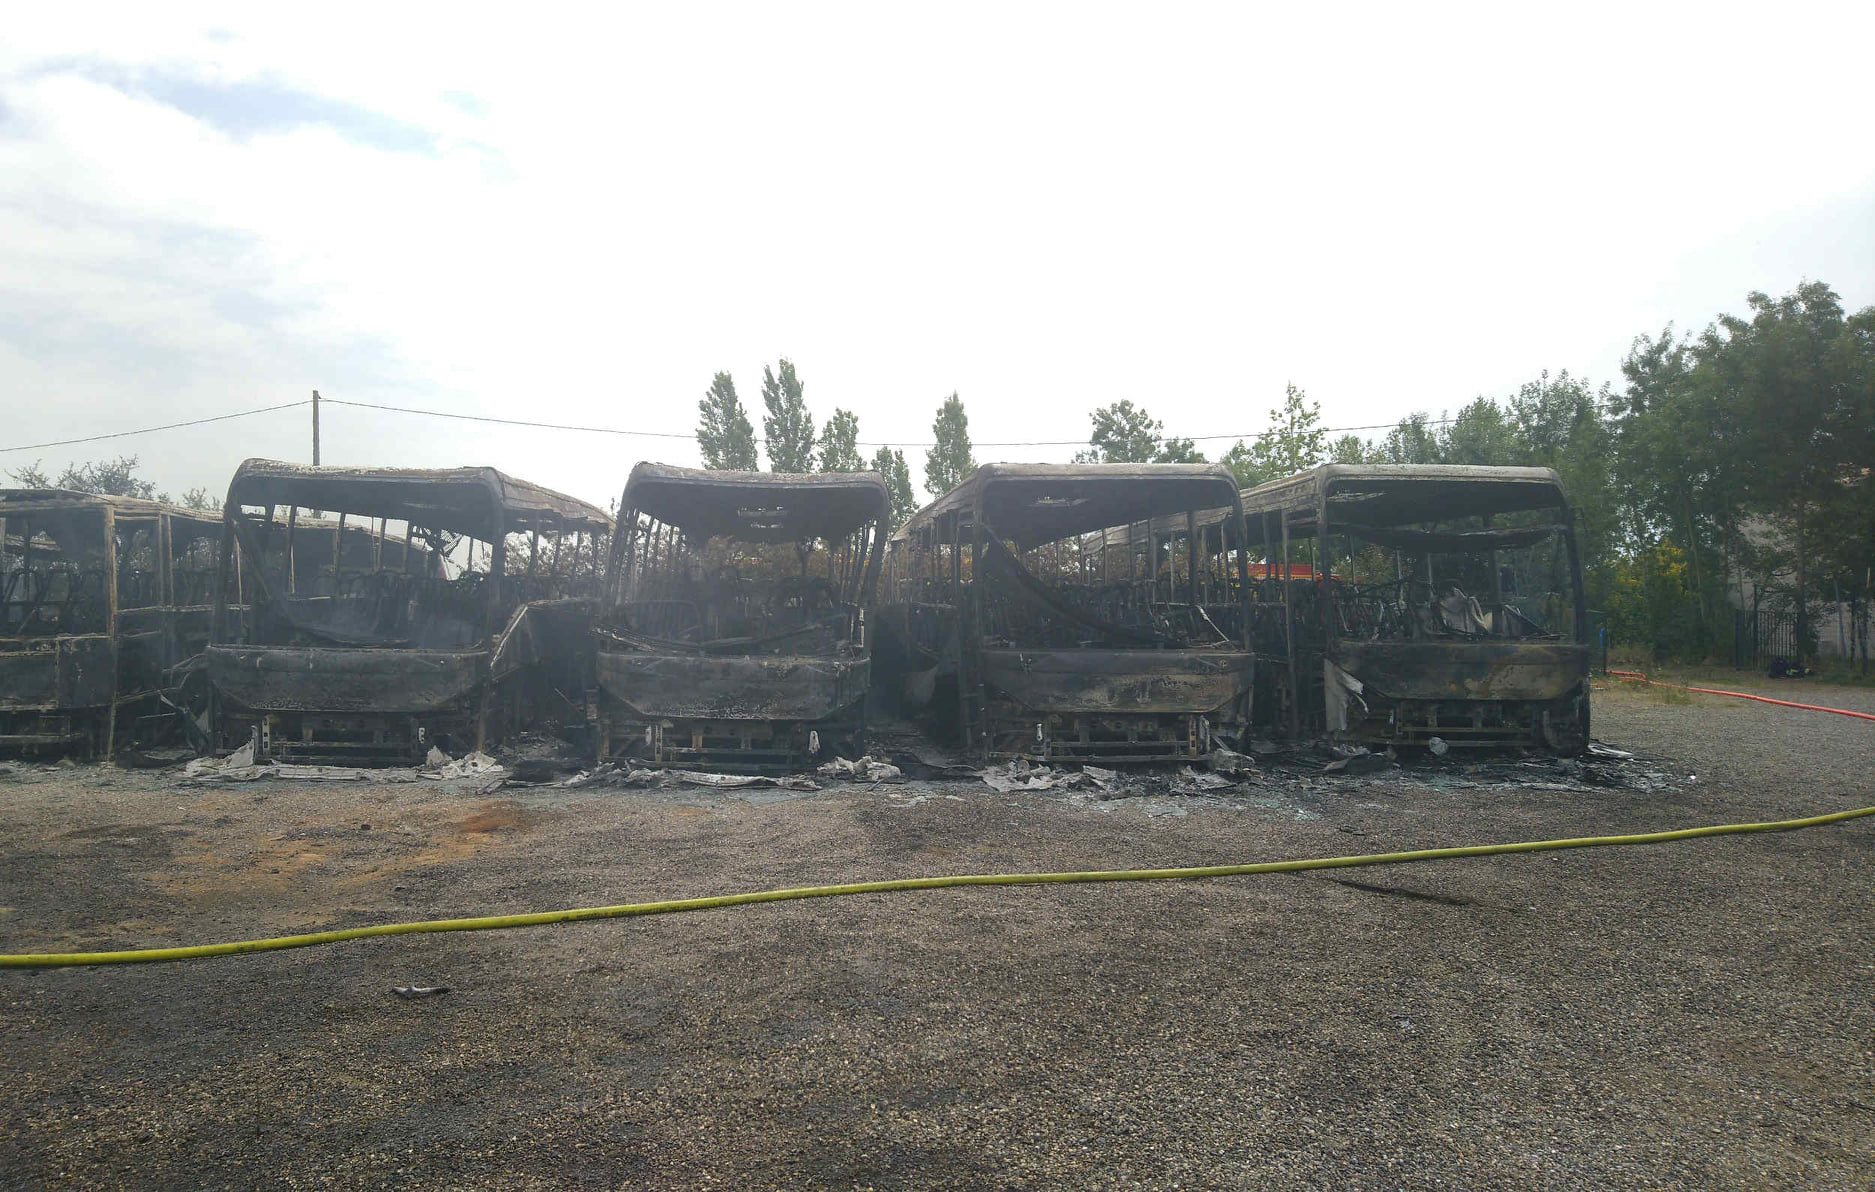 Saont Lys - 10 bus détruits dans un incendie, la gendarmerie cherche témoins